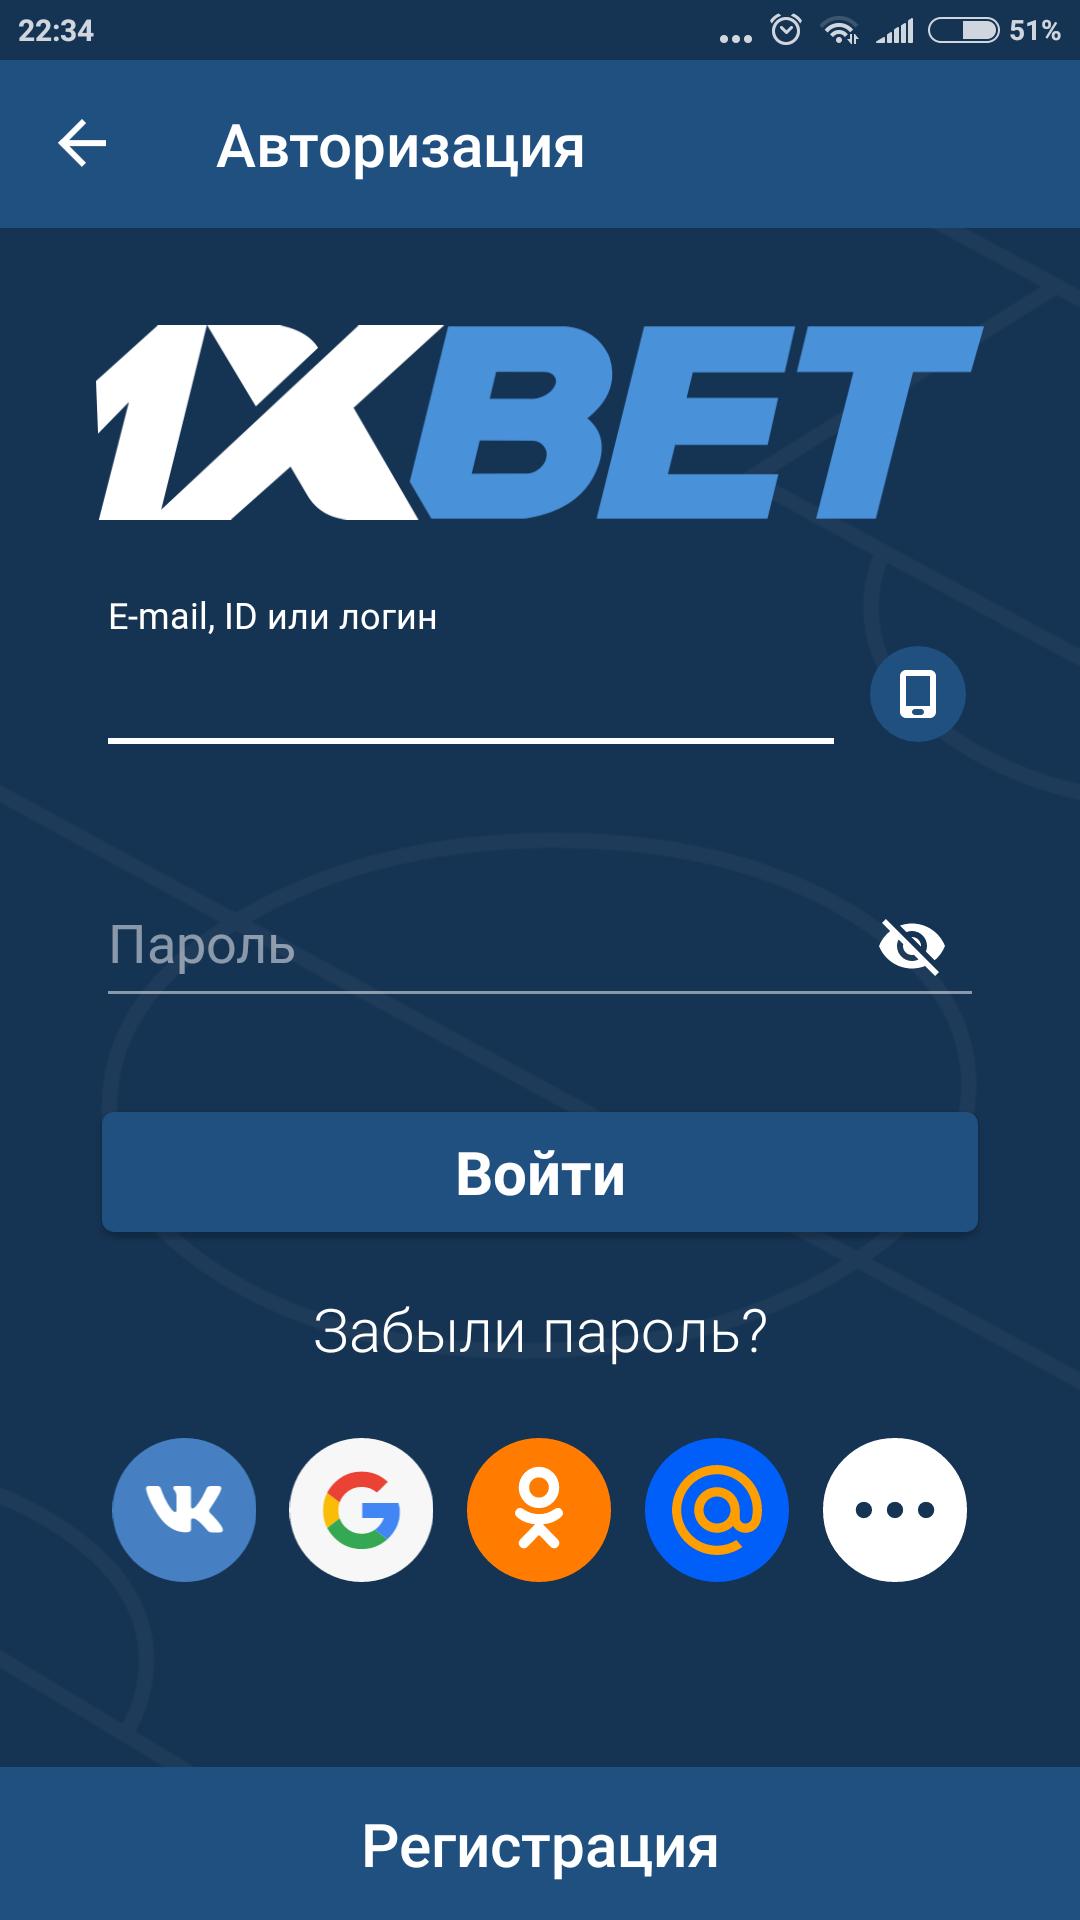 вход в аккаунт через приложение